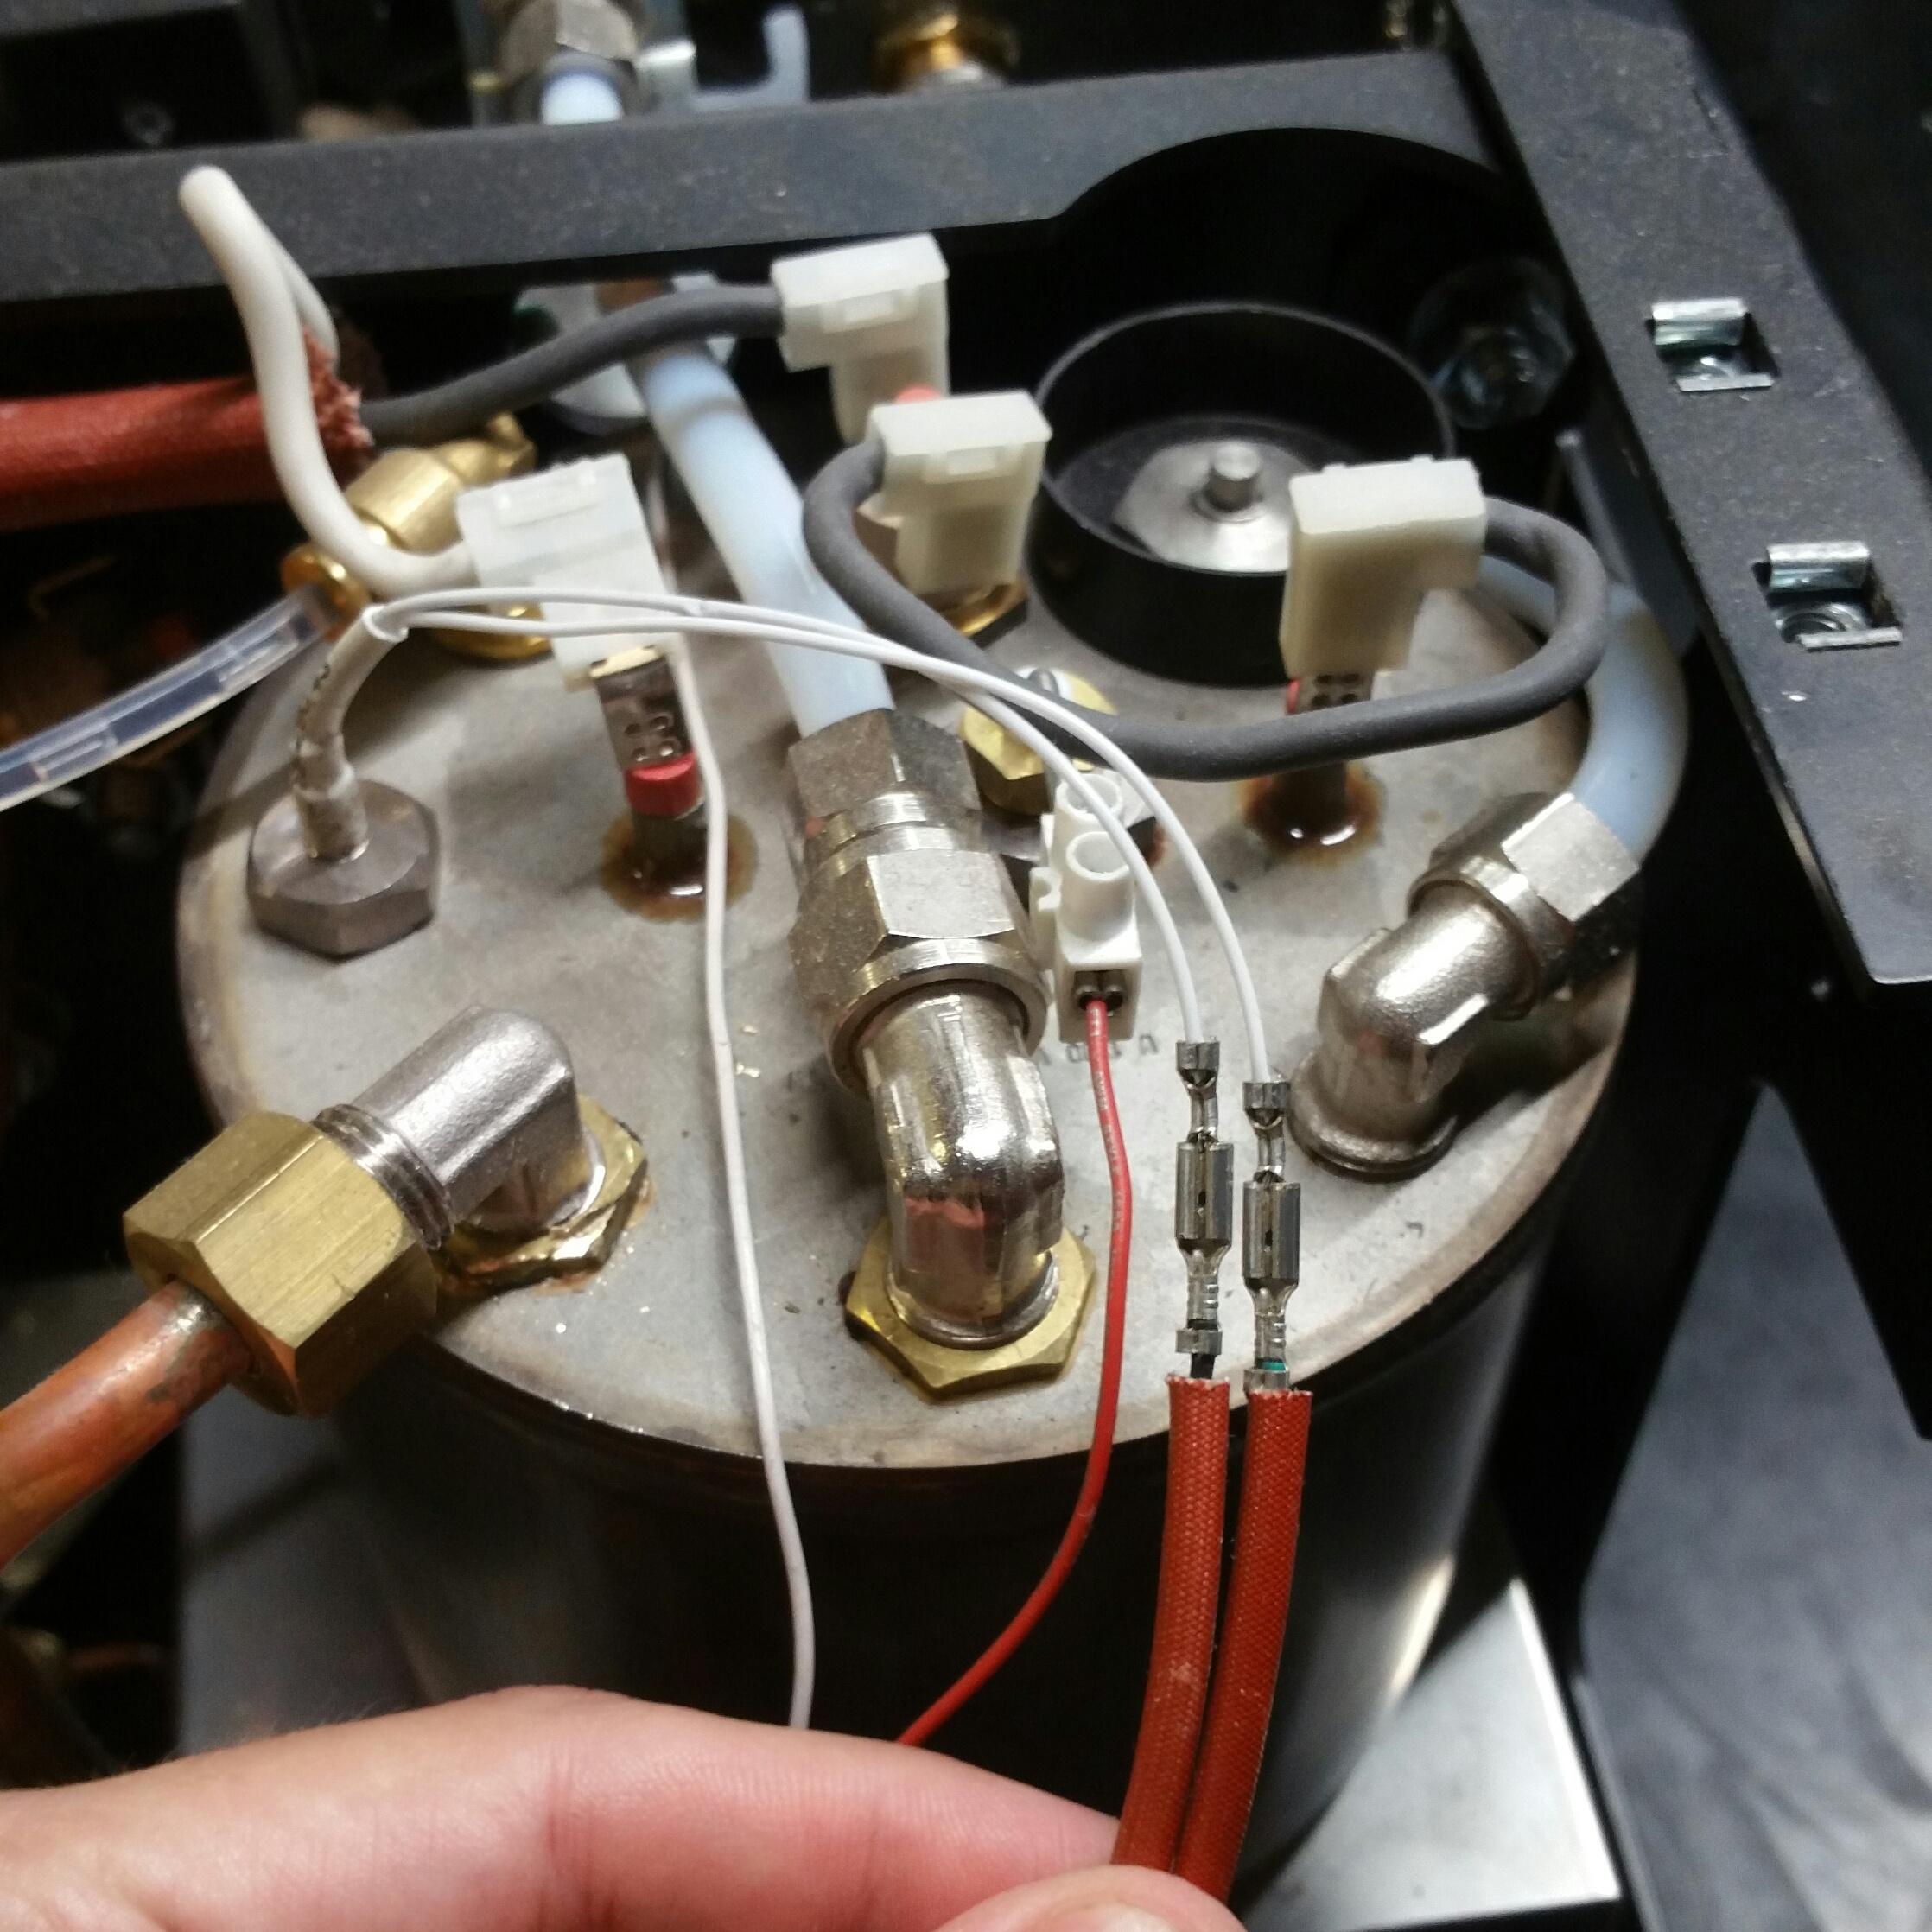 LUCCA A53 Mini / Mini Vivaldi: Removing Steam Boiler Temperature Probe